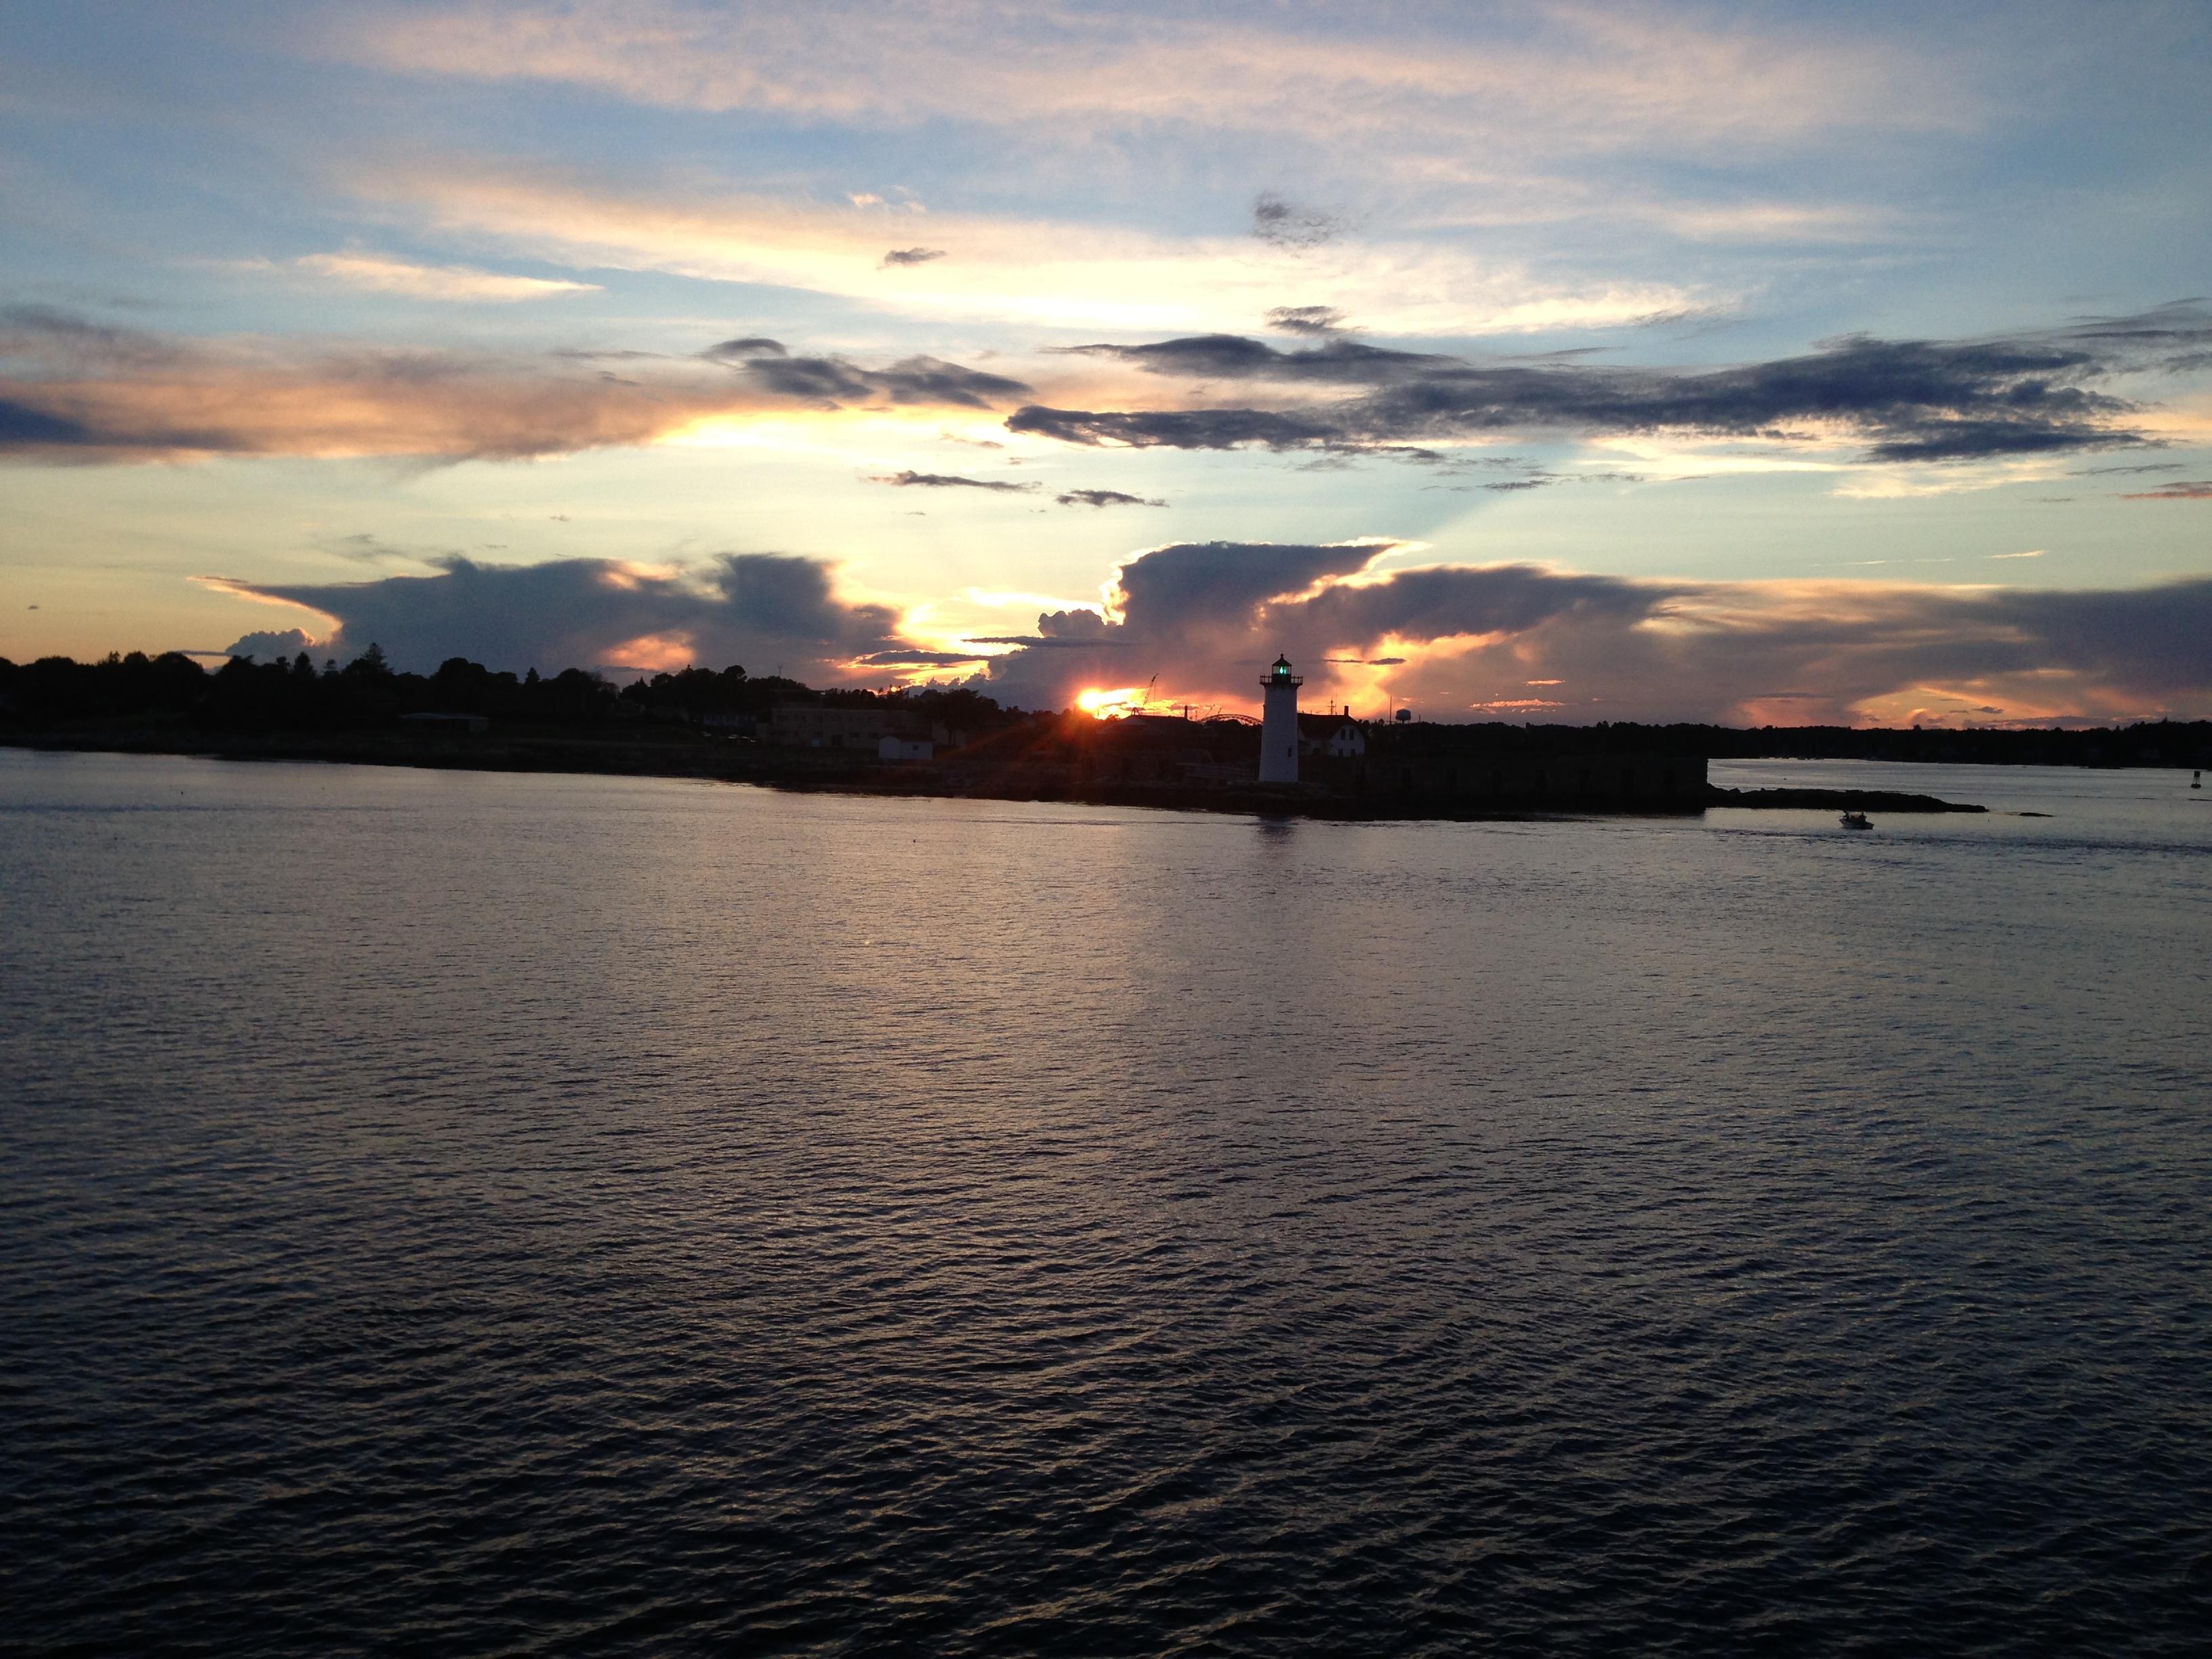 Sunset Acoustic Harbor Cruise